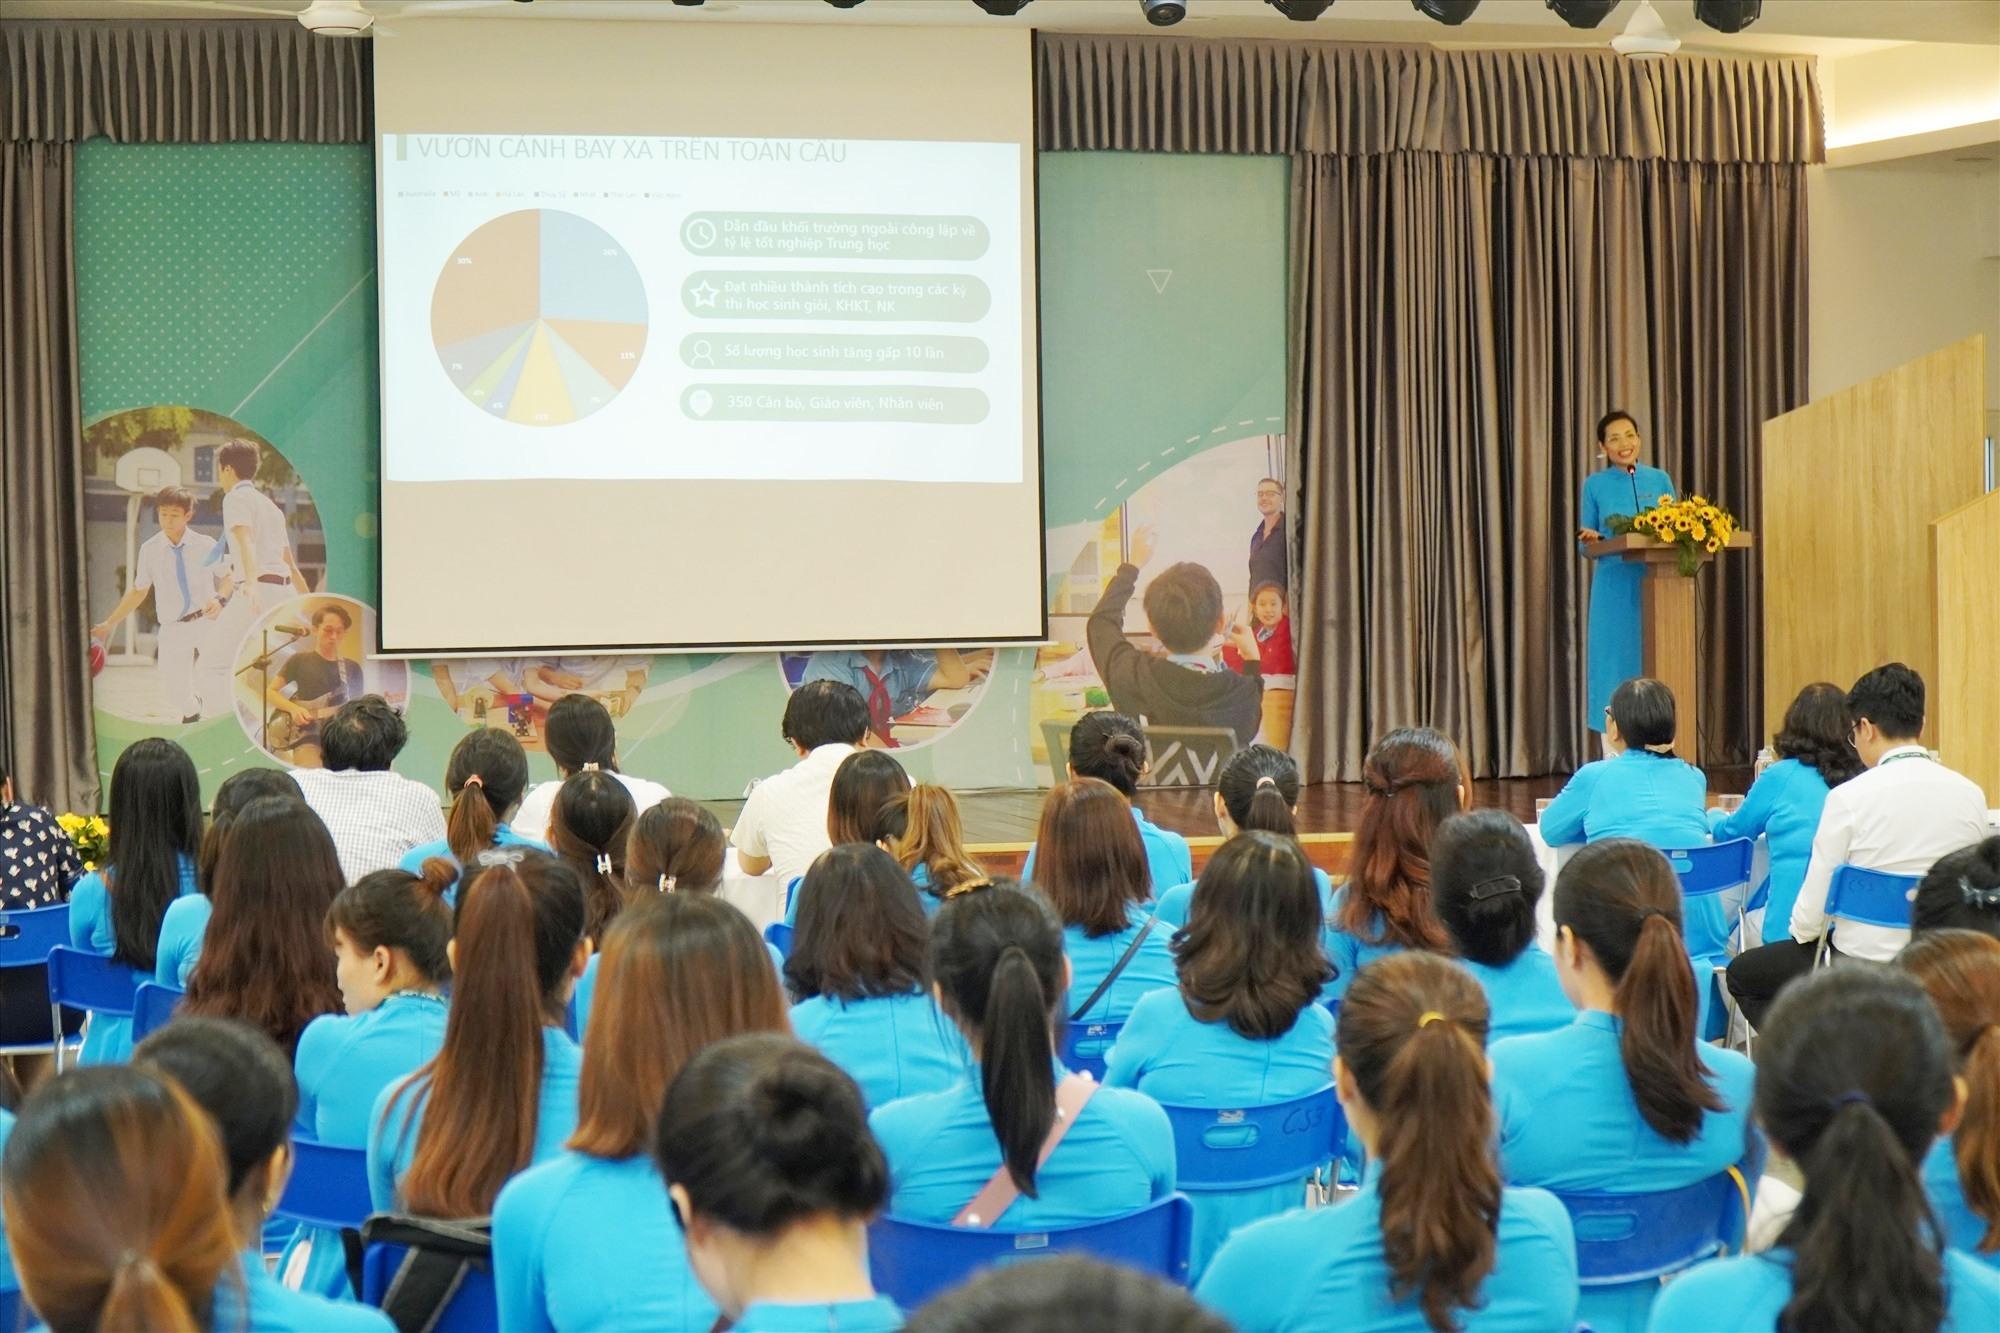 Thạc sỹ Nguyễn Thu Hà -Hiệu trưởng Trường Tiểu học, THCS và THPT SKy -Line báo cáo kết quả thực hiện 5 Đề án đổi mới giáo dục tại Hội thảo. Ảnh NTB